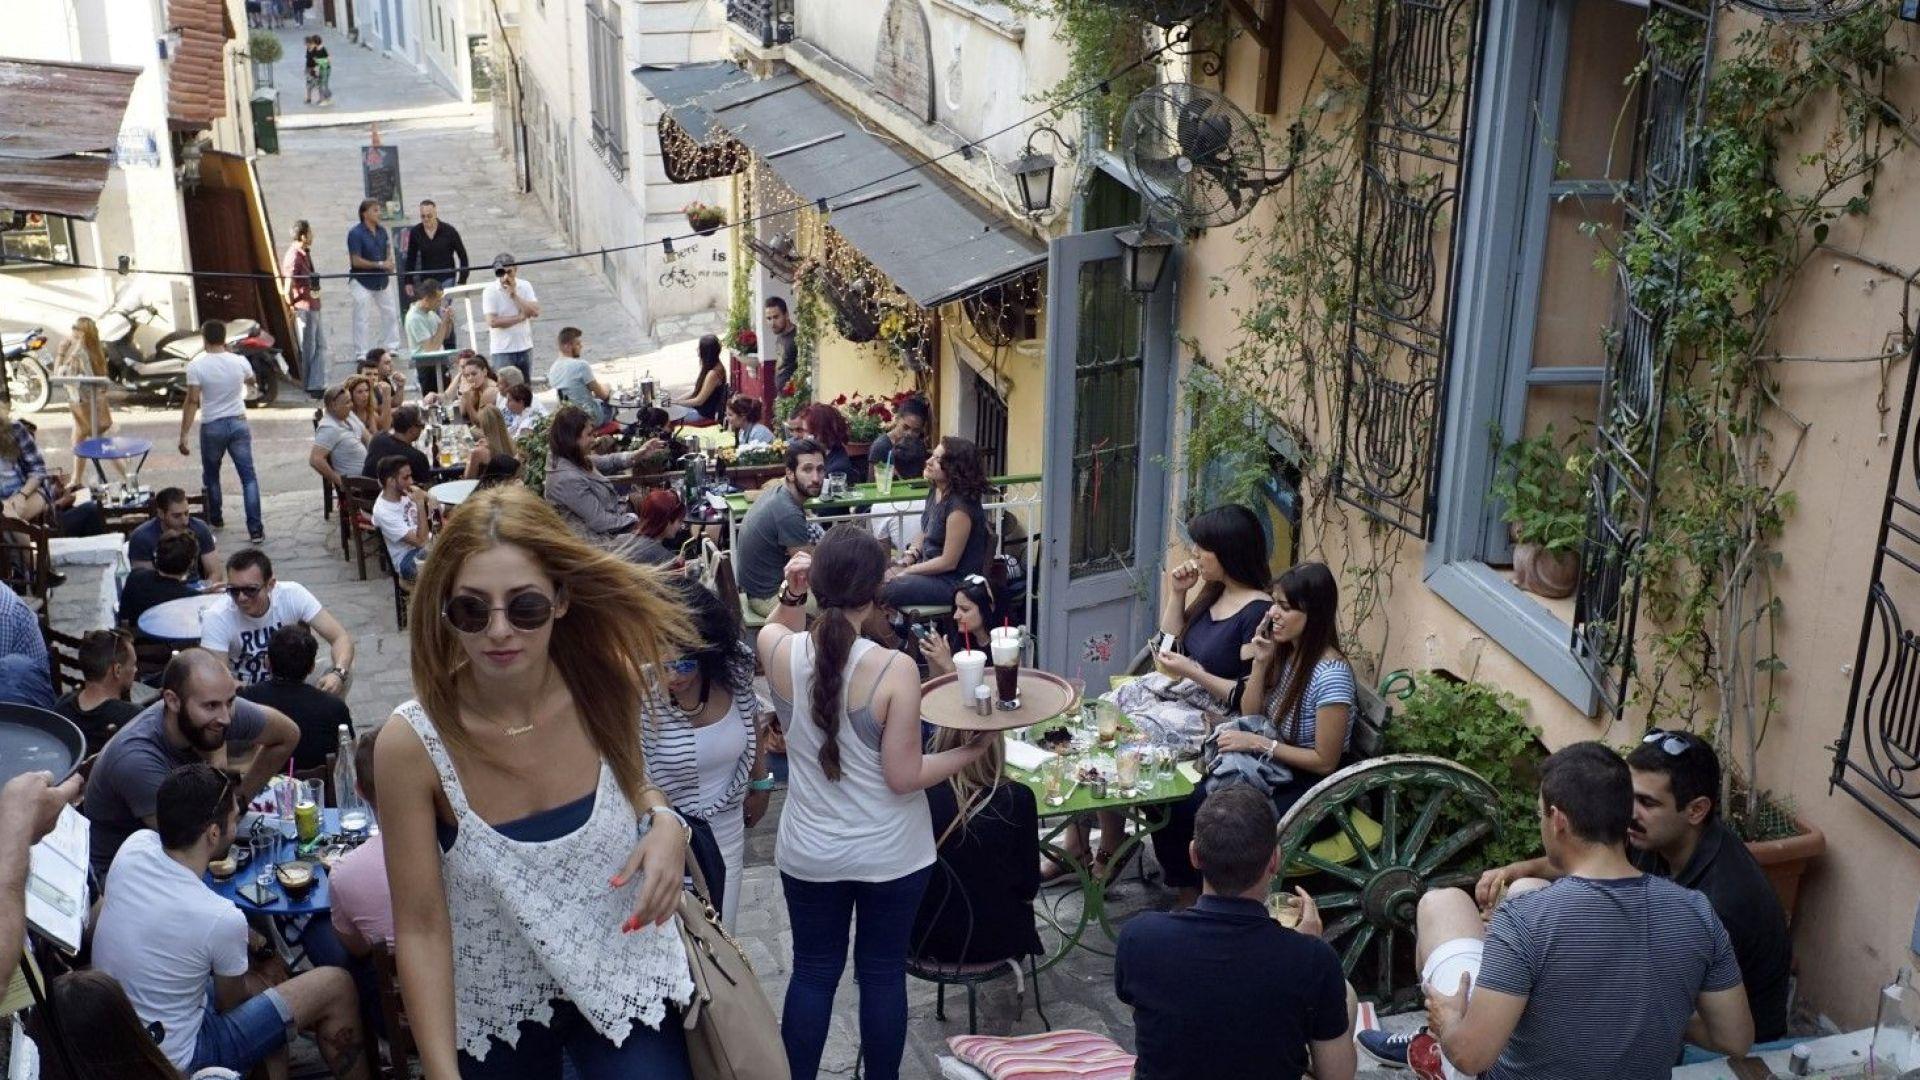 """""""Споделените жилища"""" в Гърция печелят близо 2 милиарда евро годишно"""